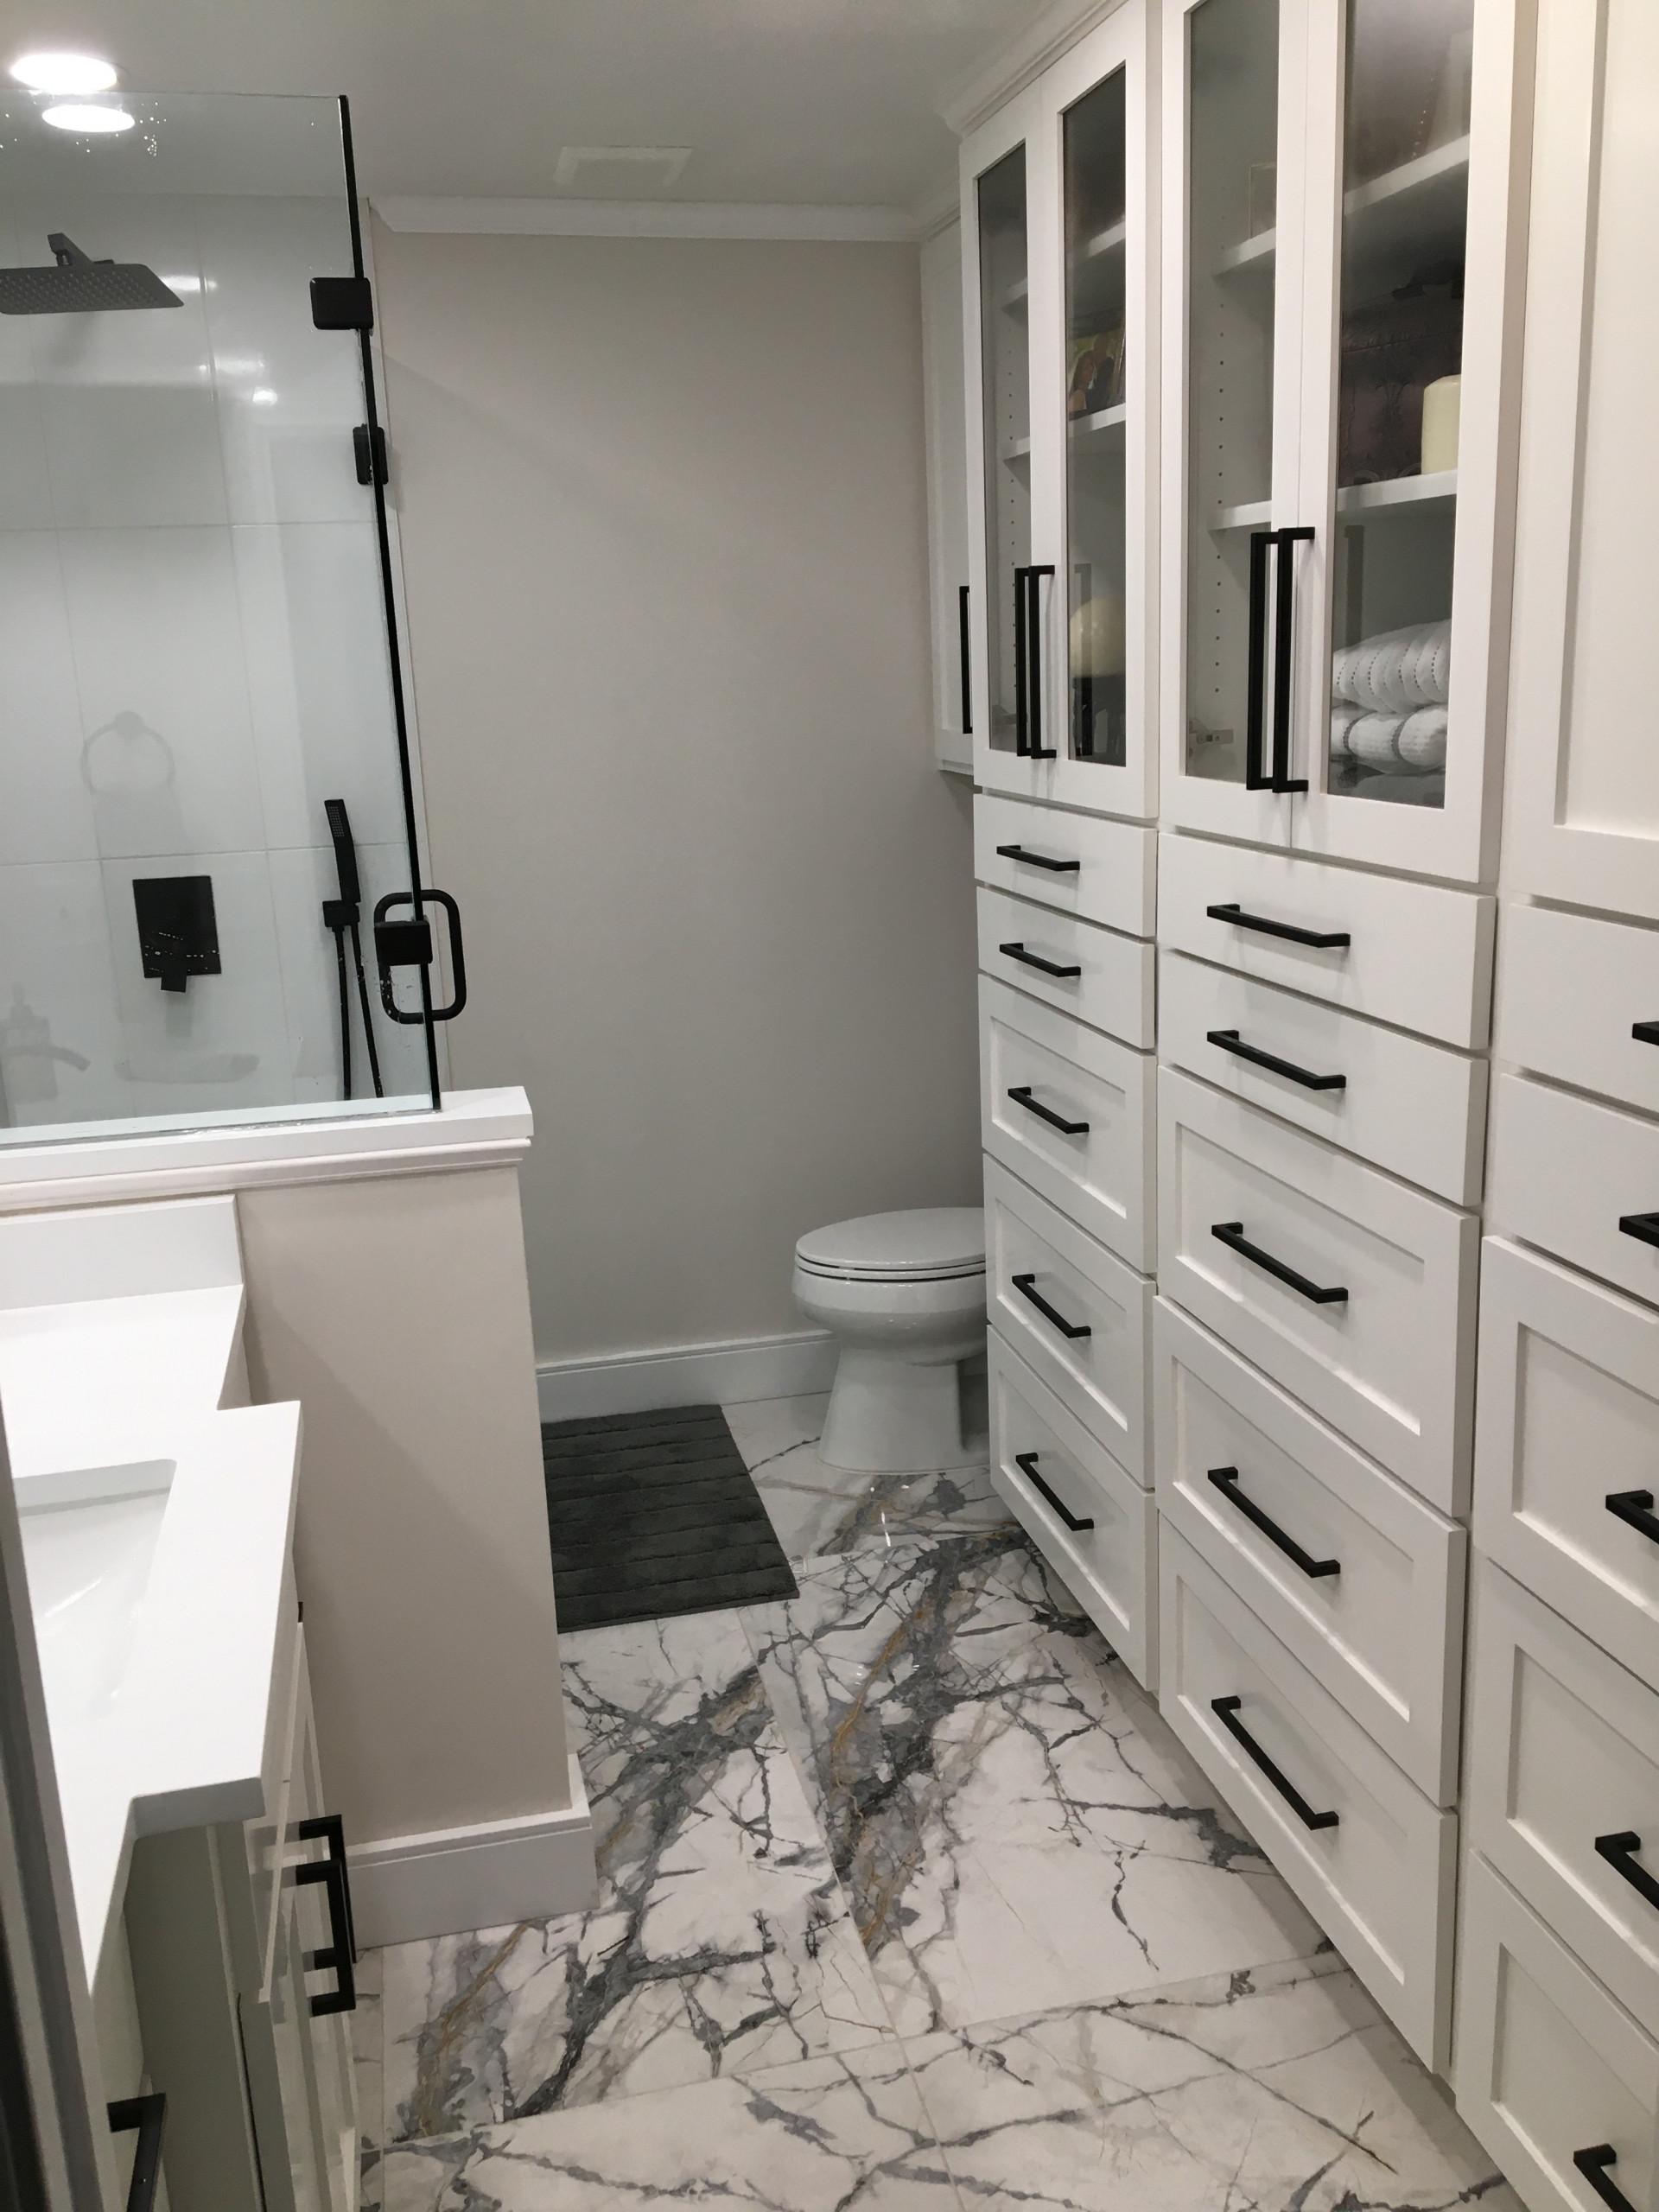 14 X 14 Bathroom Ideas Photos Houzz